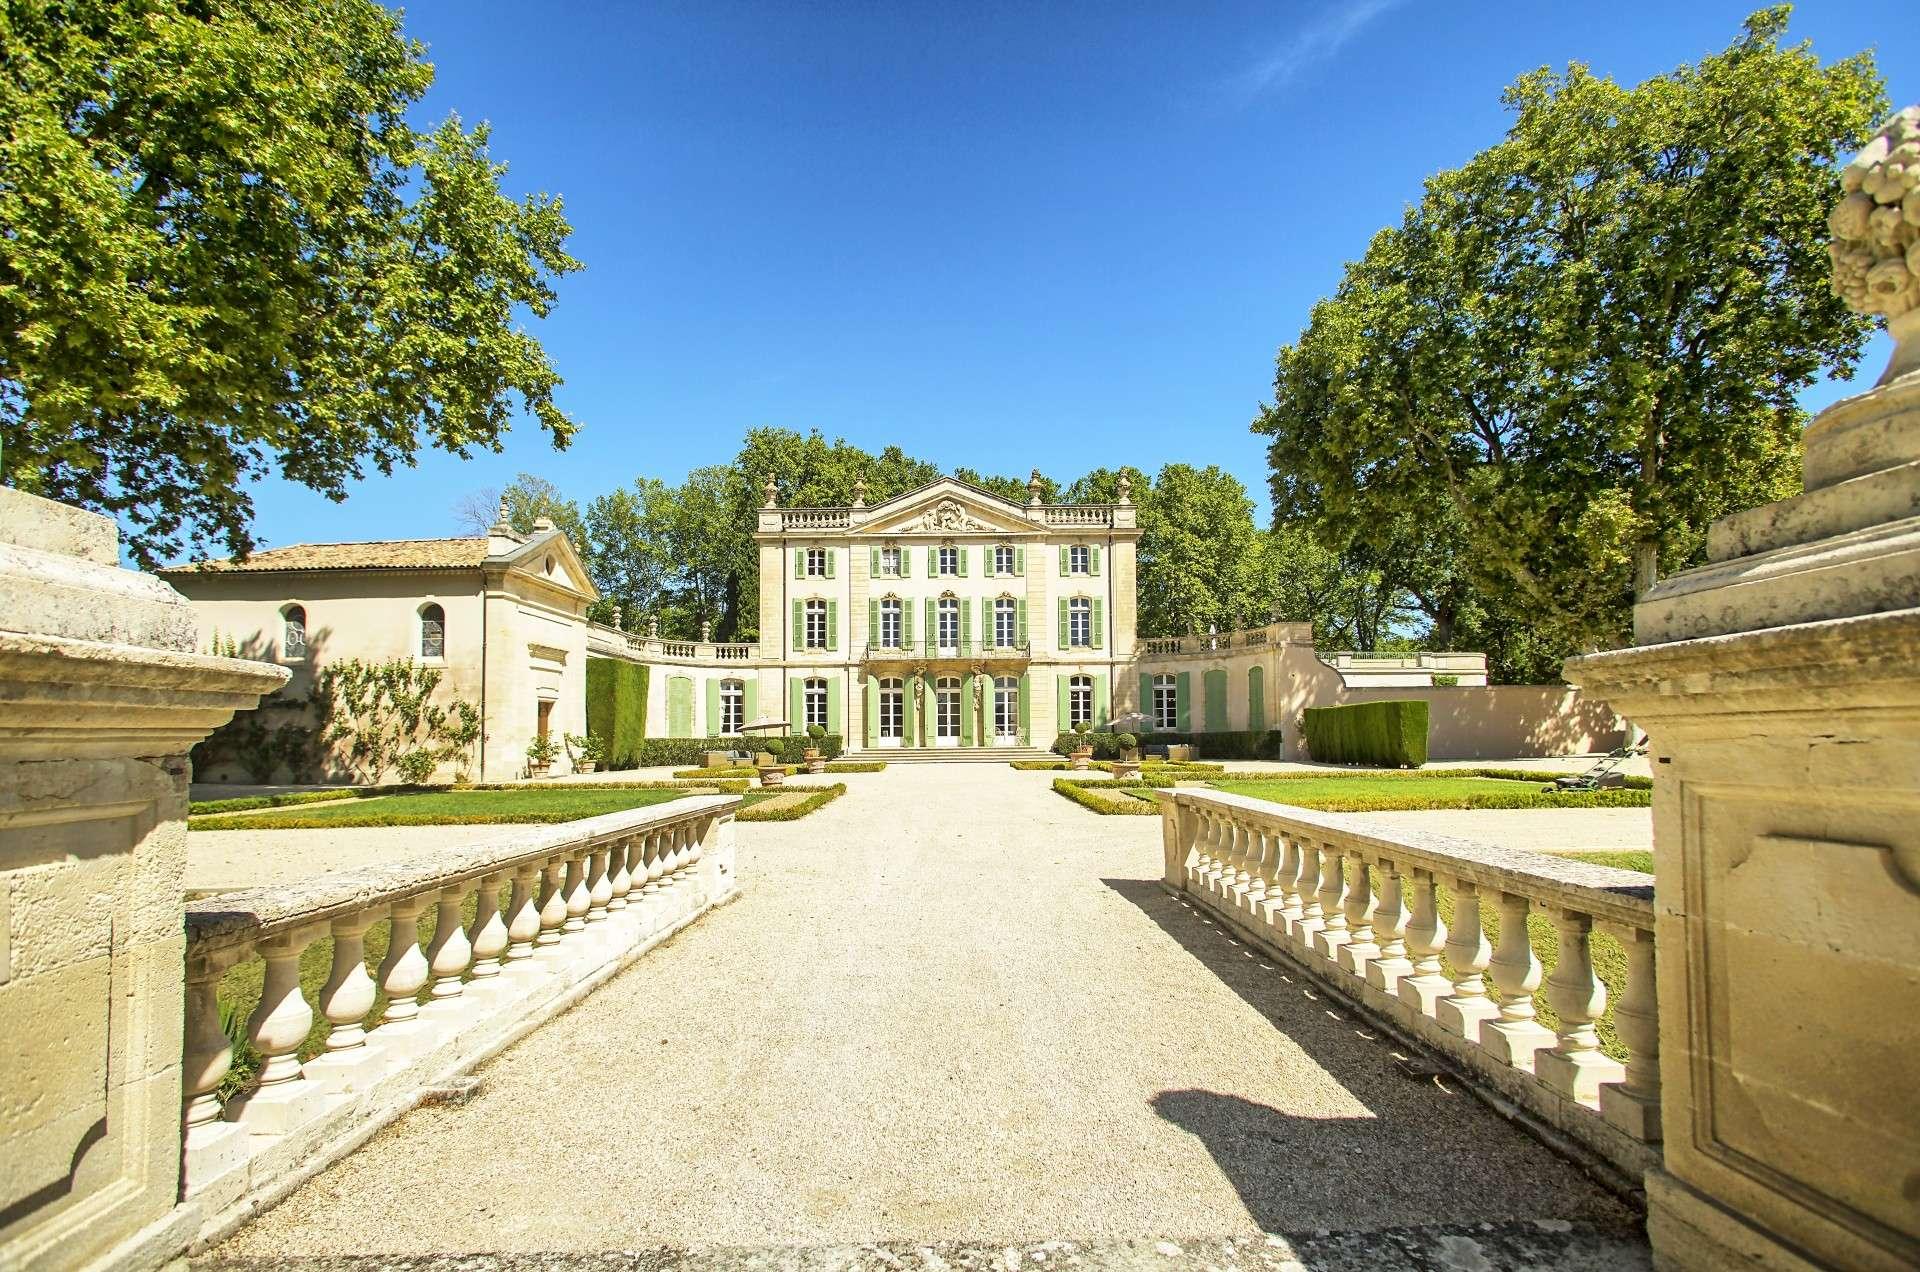 - Chateau Ventoux - Image 1/20